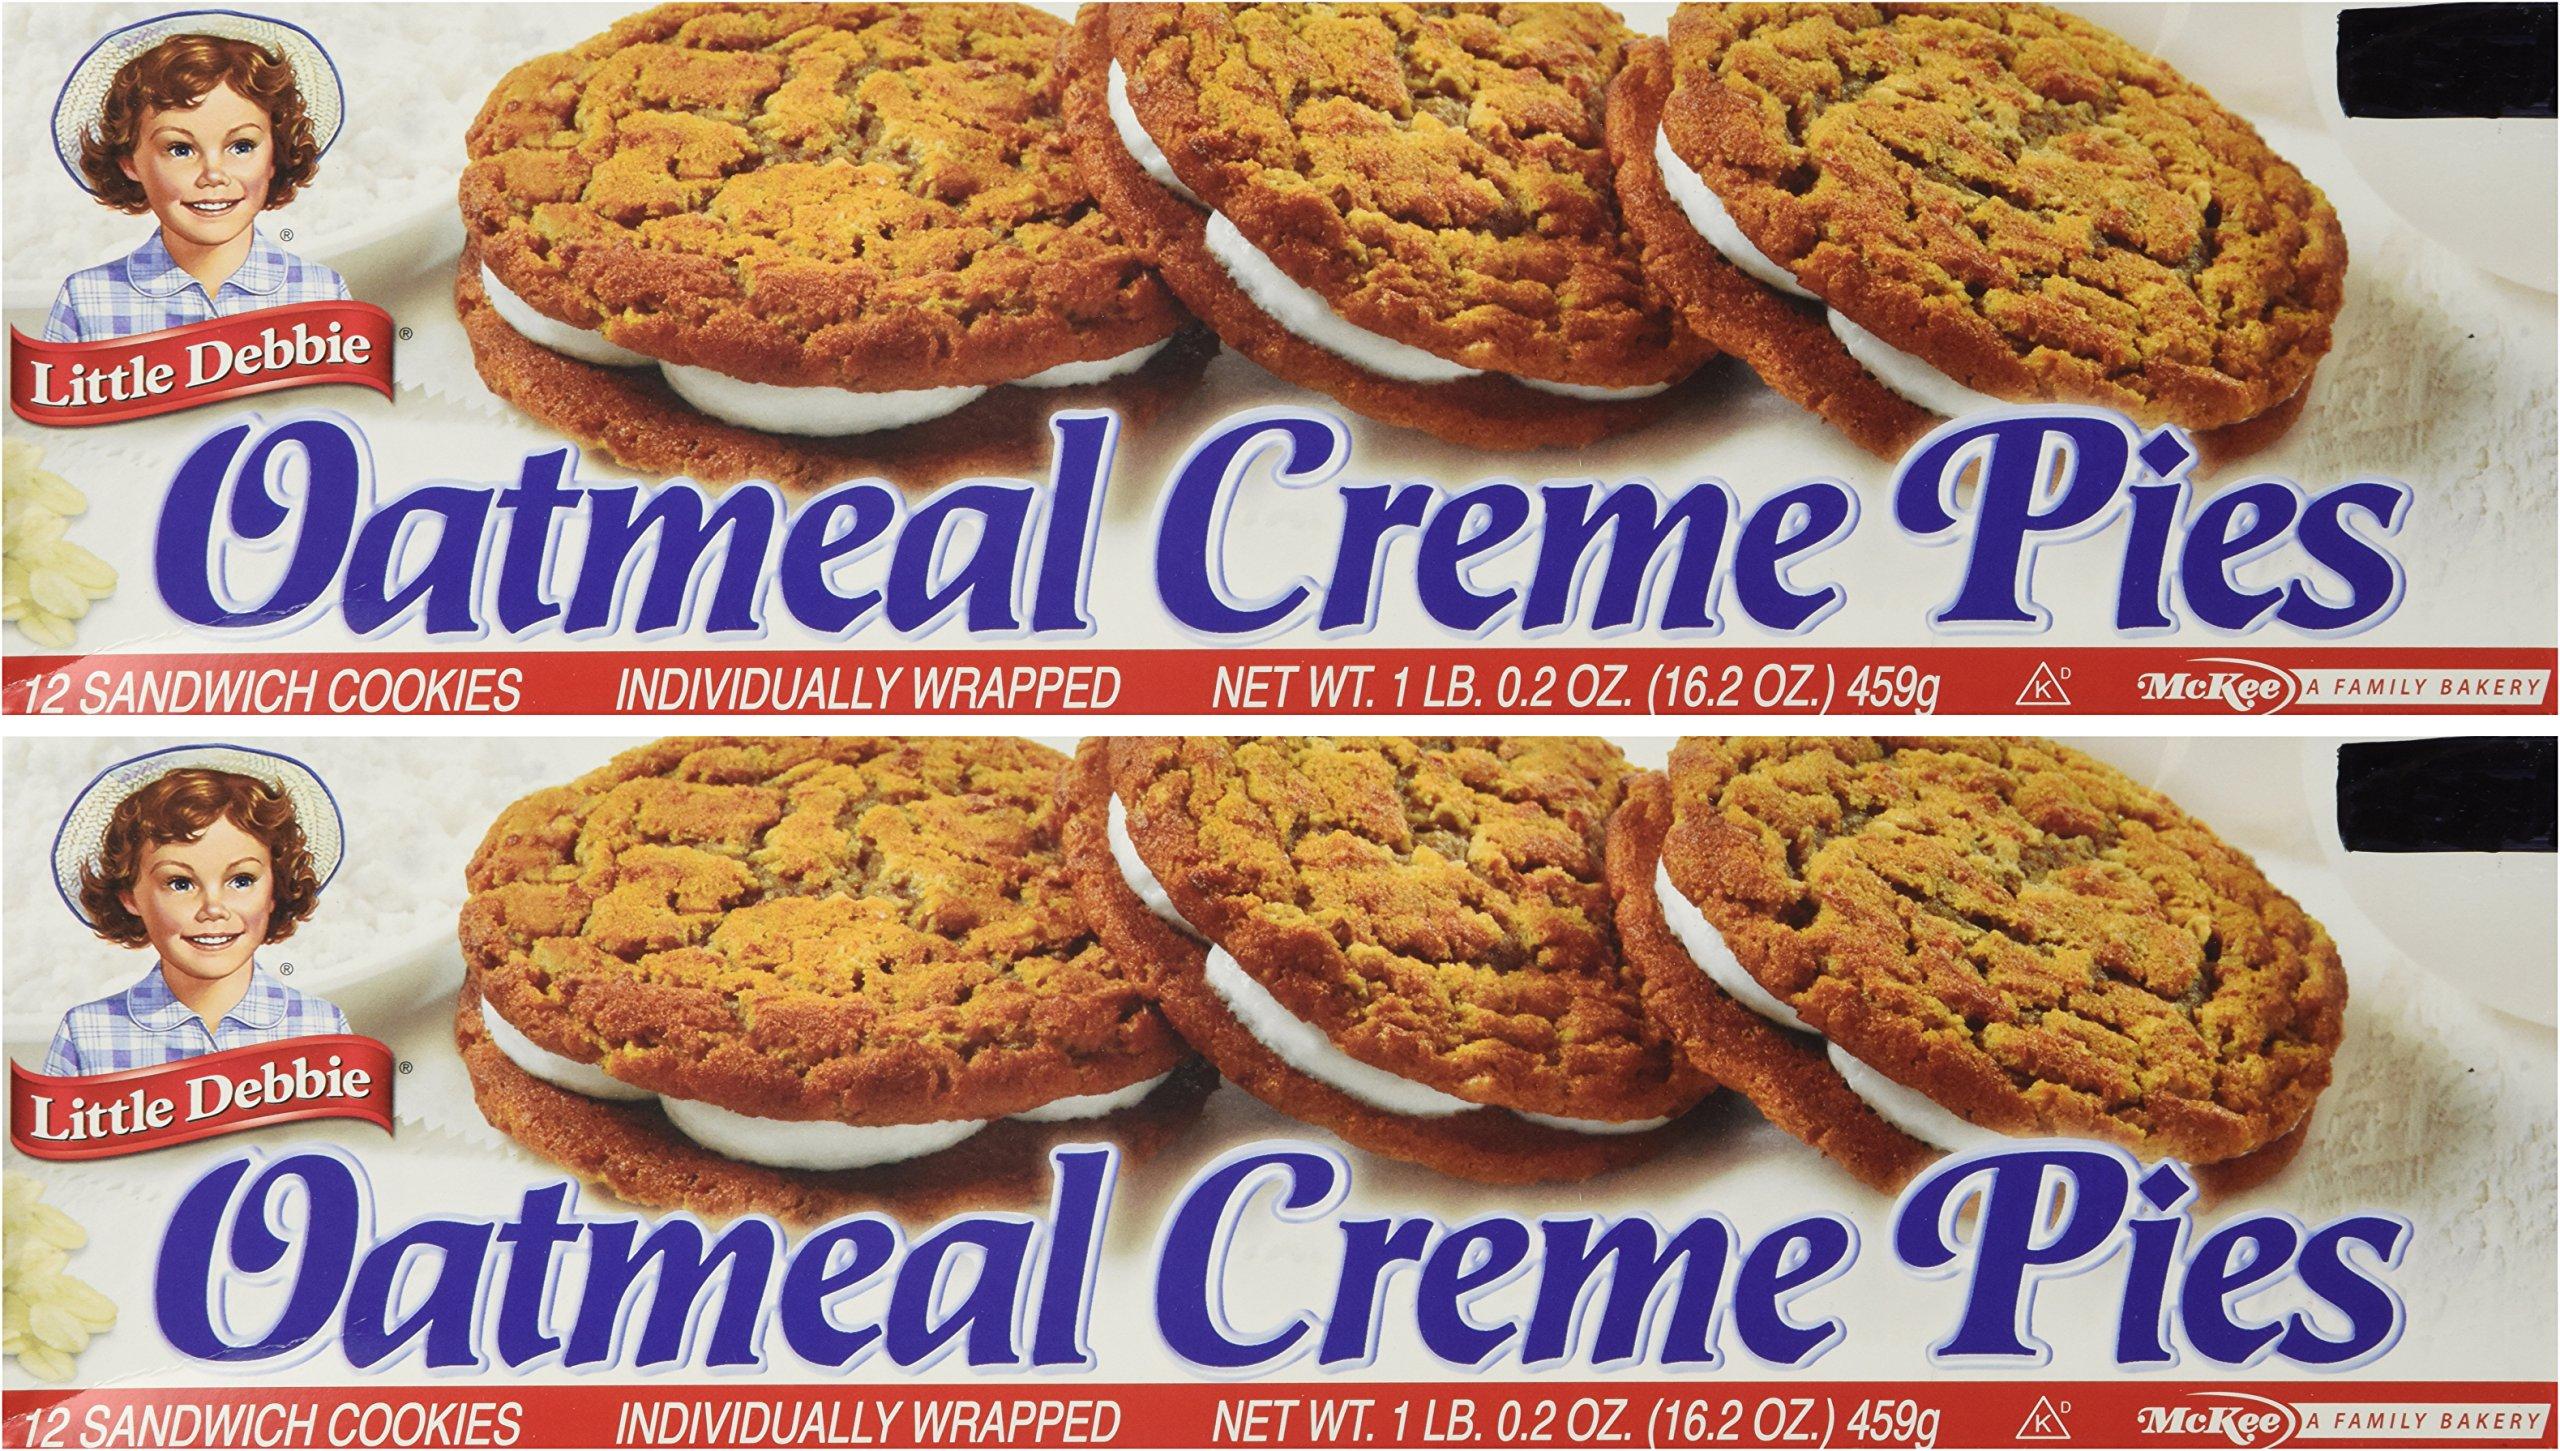 Little Debbie Oatmeal Creme Pies 12 Count Box (2 Boxes) 16.2 OZ